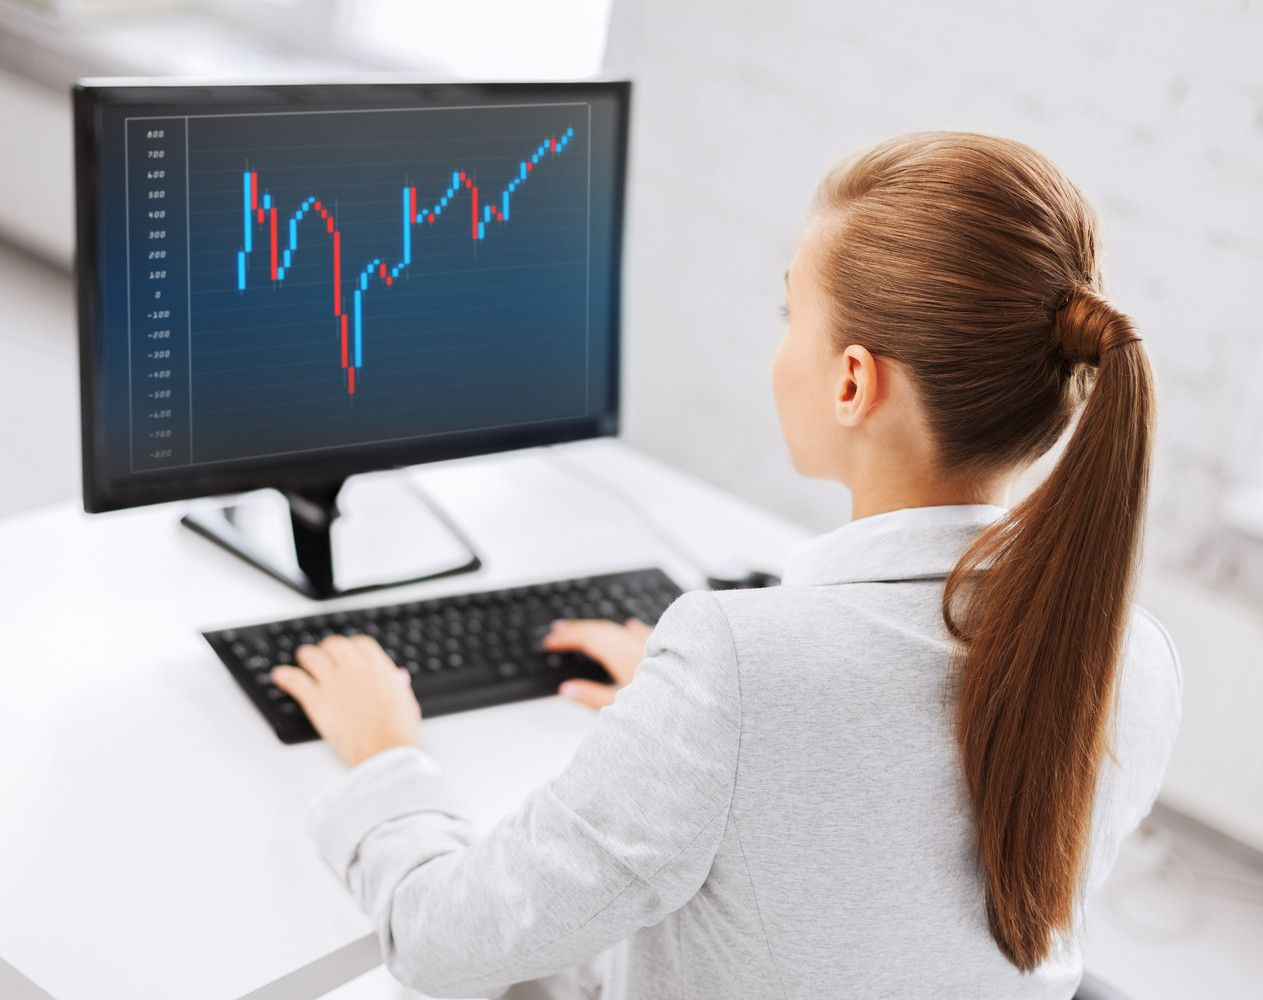 Investicijų platformojenuskendo 6.600 Eur: nepadėjo ir kabinimasis už šiaudo